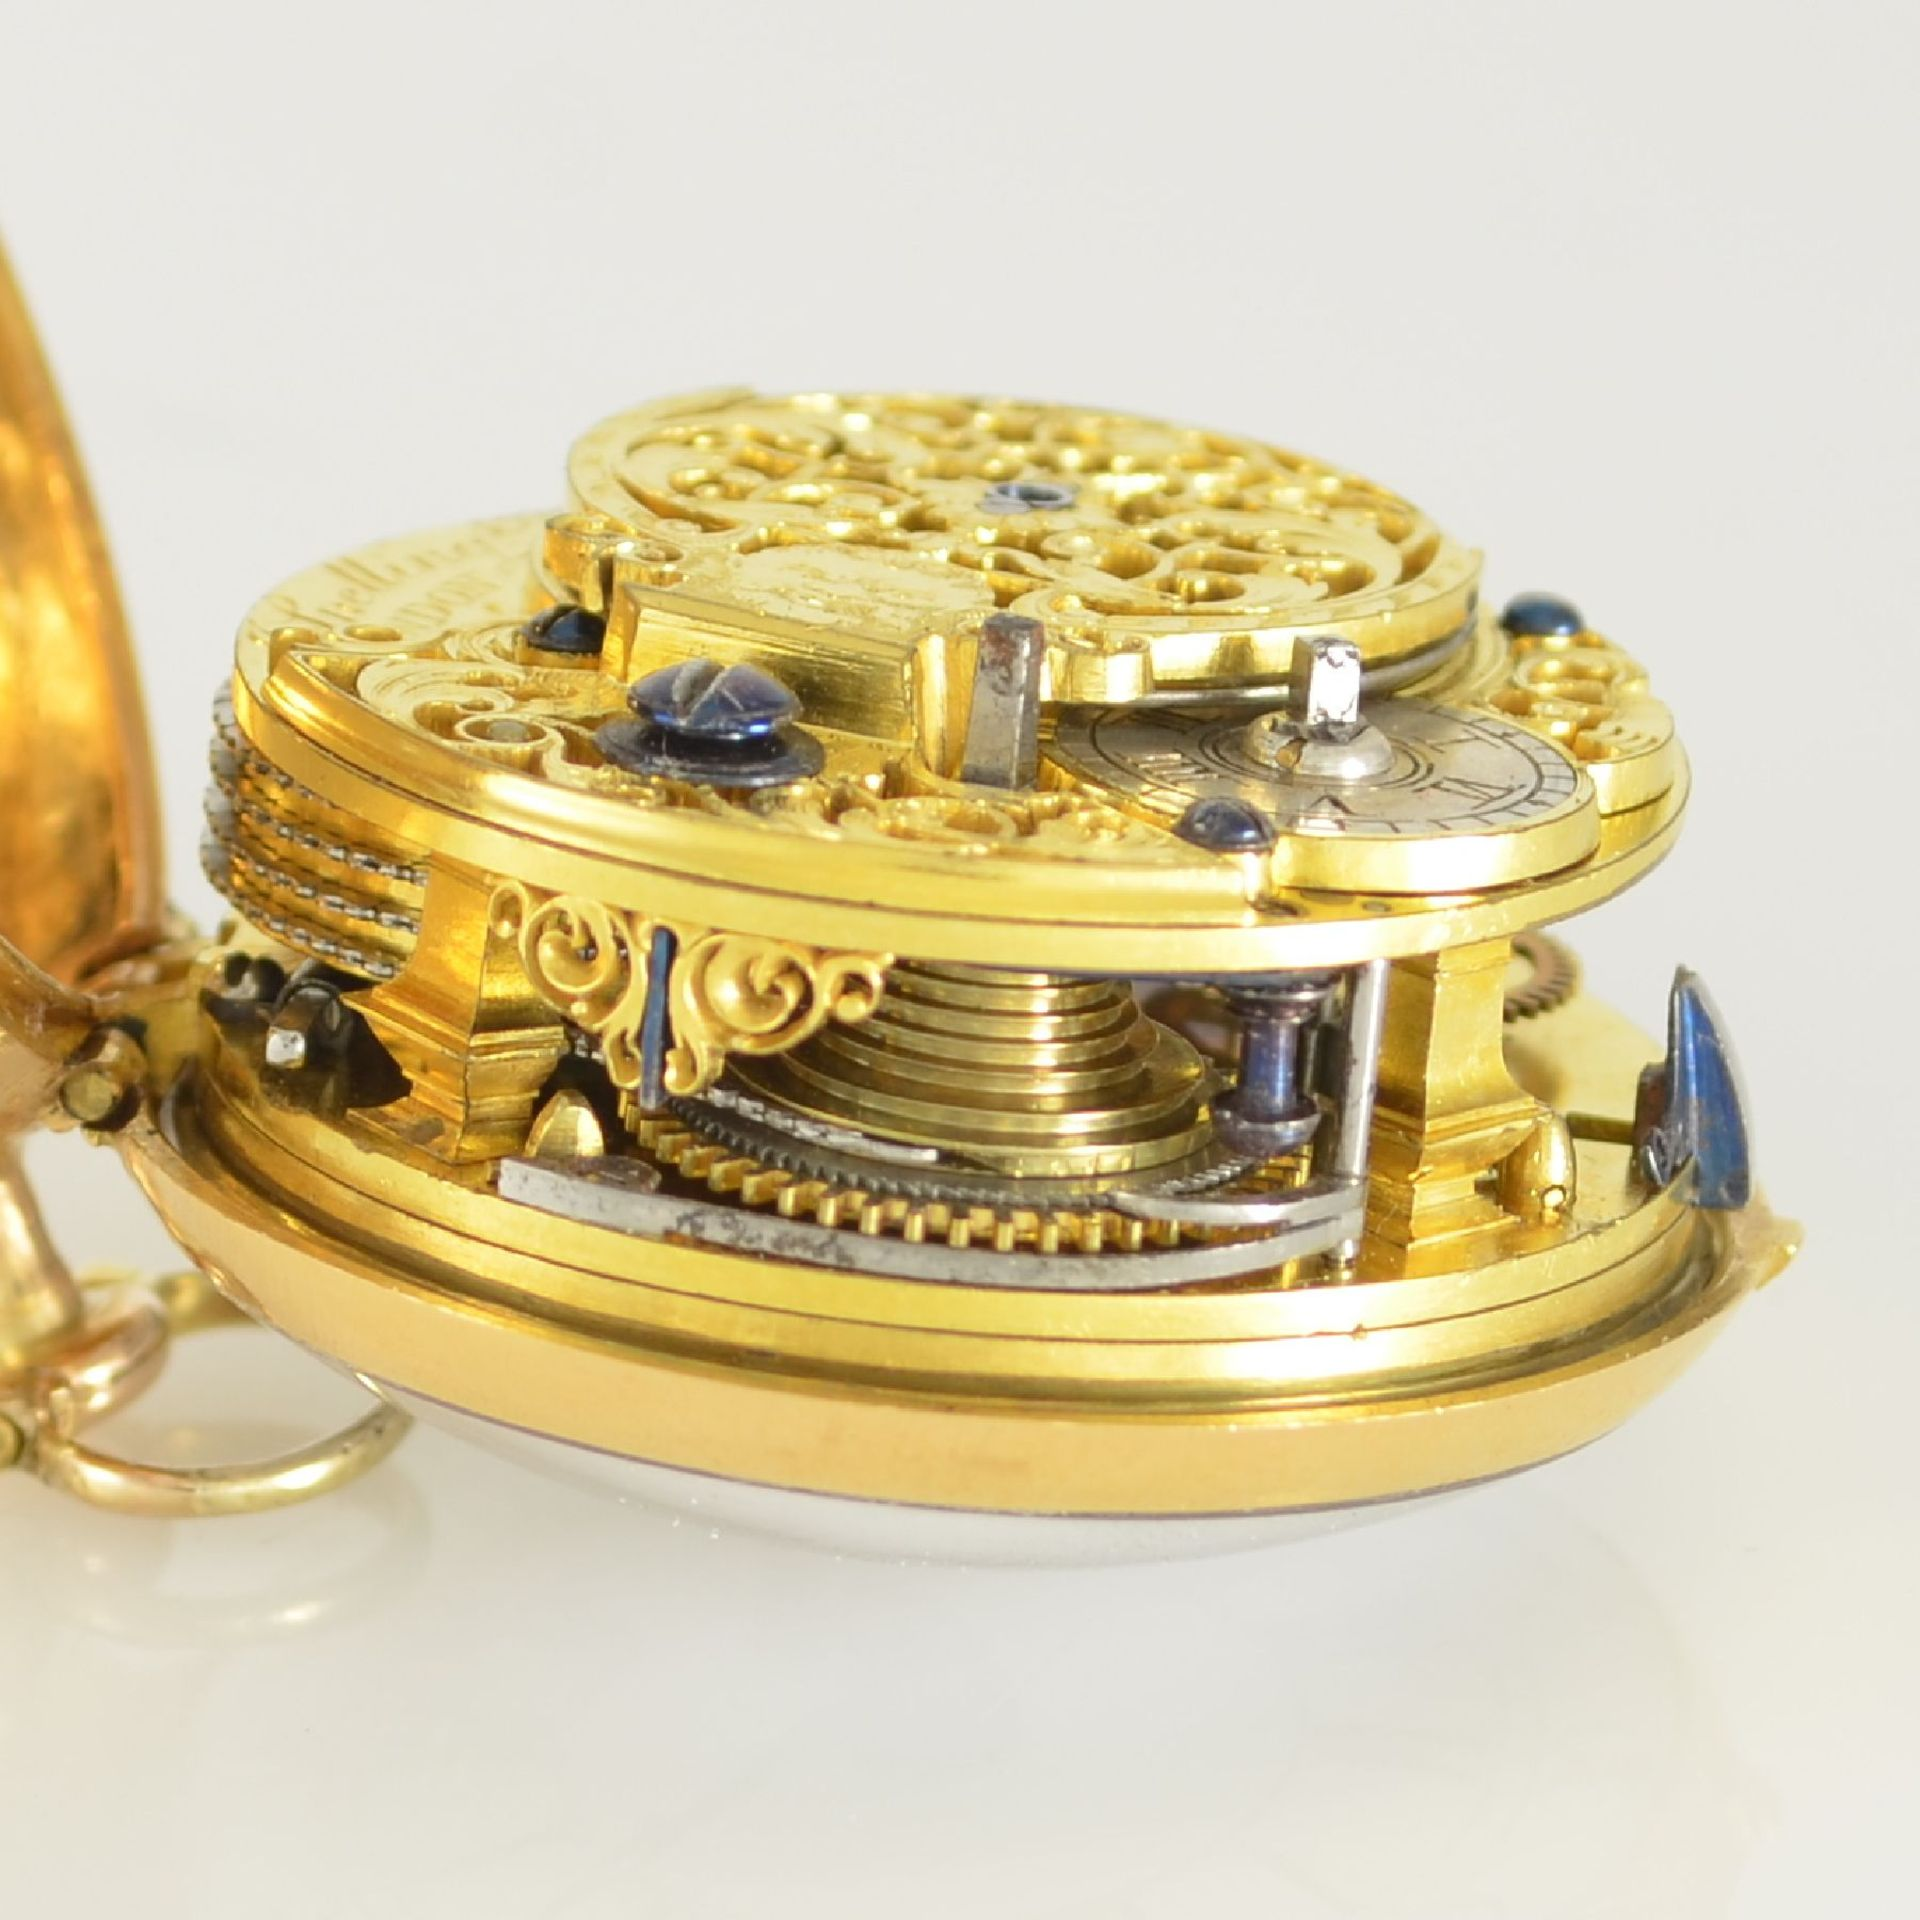 J. SNELLING London offene Taschenuhr in GG 750/000 mit Repoussée-Übergehäuse, um 1740, - Bild 10 aus 10